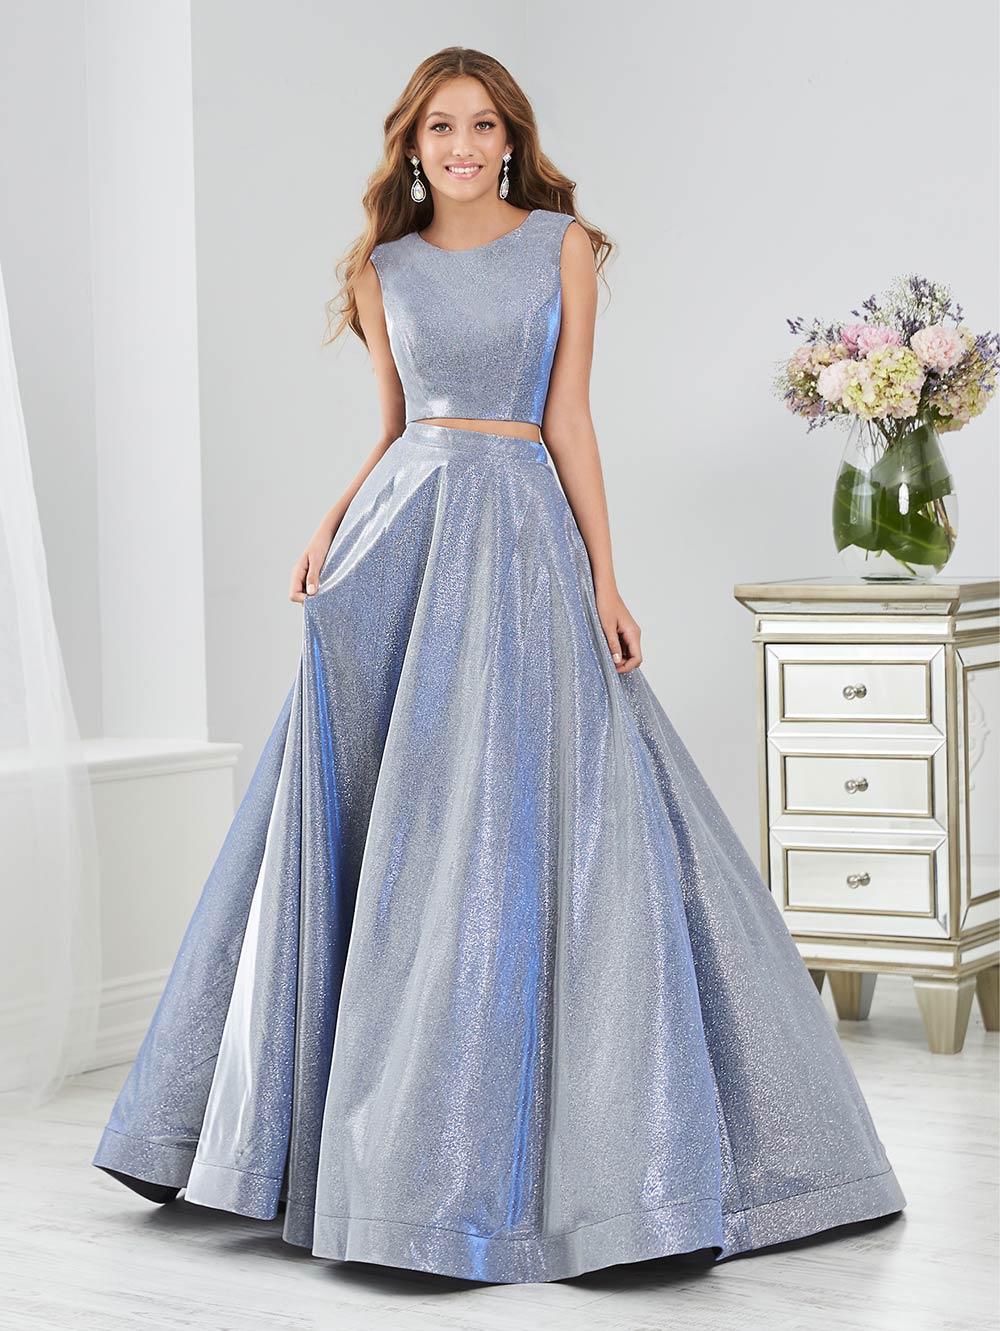 prom-dresses-jacquelin-bridals-canada-27887